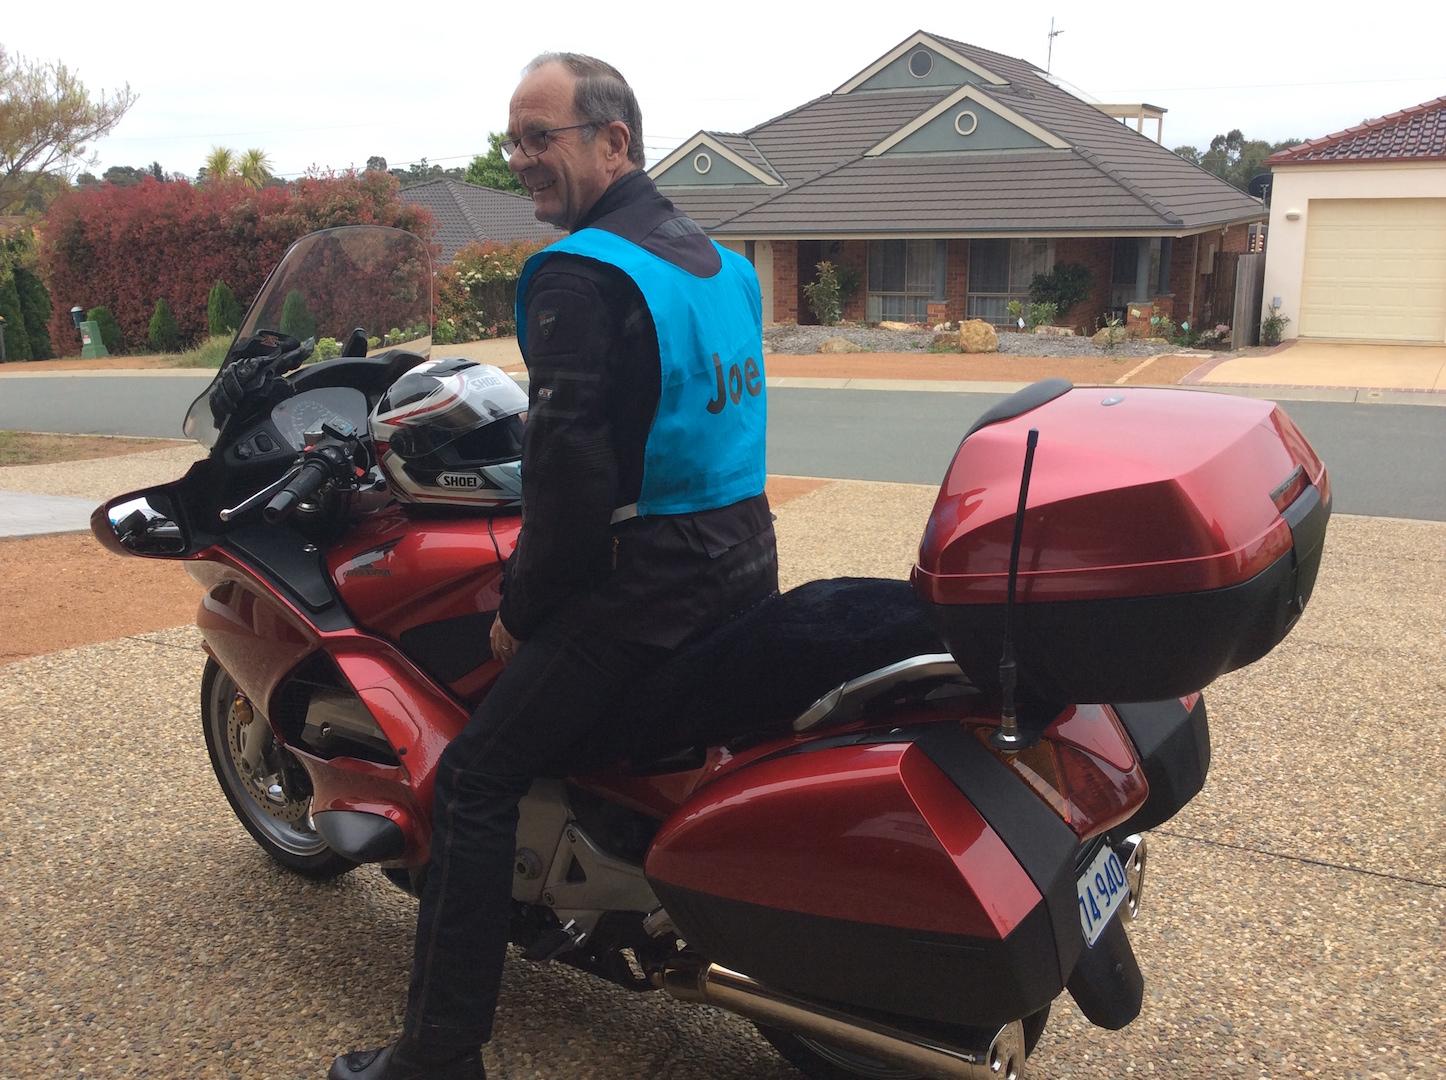 Joe Rider Motorcycle Awareness Month